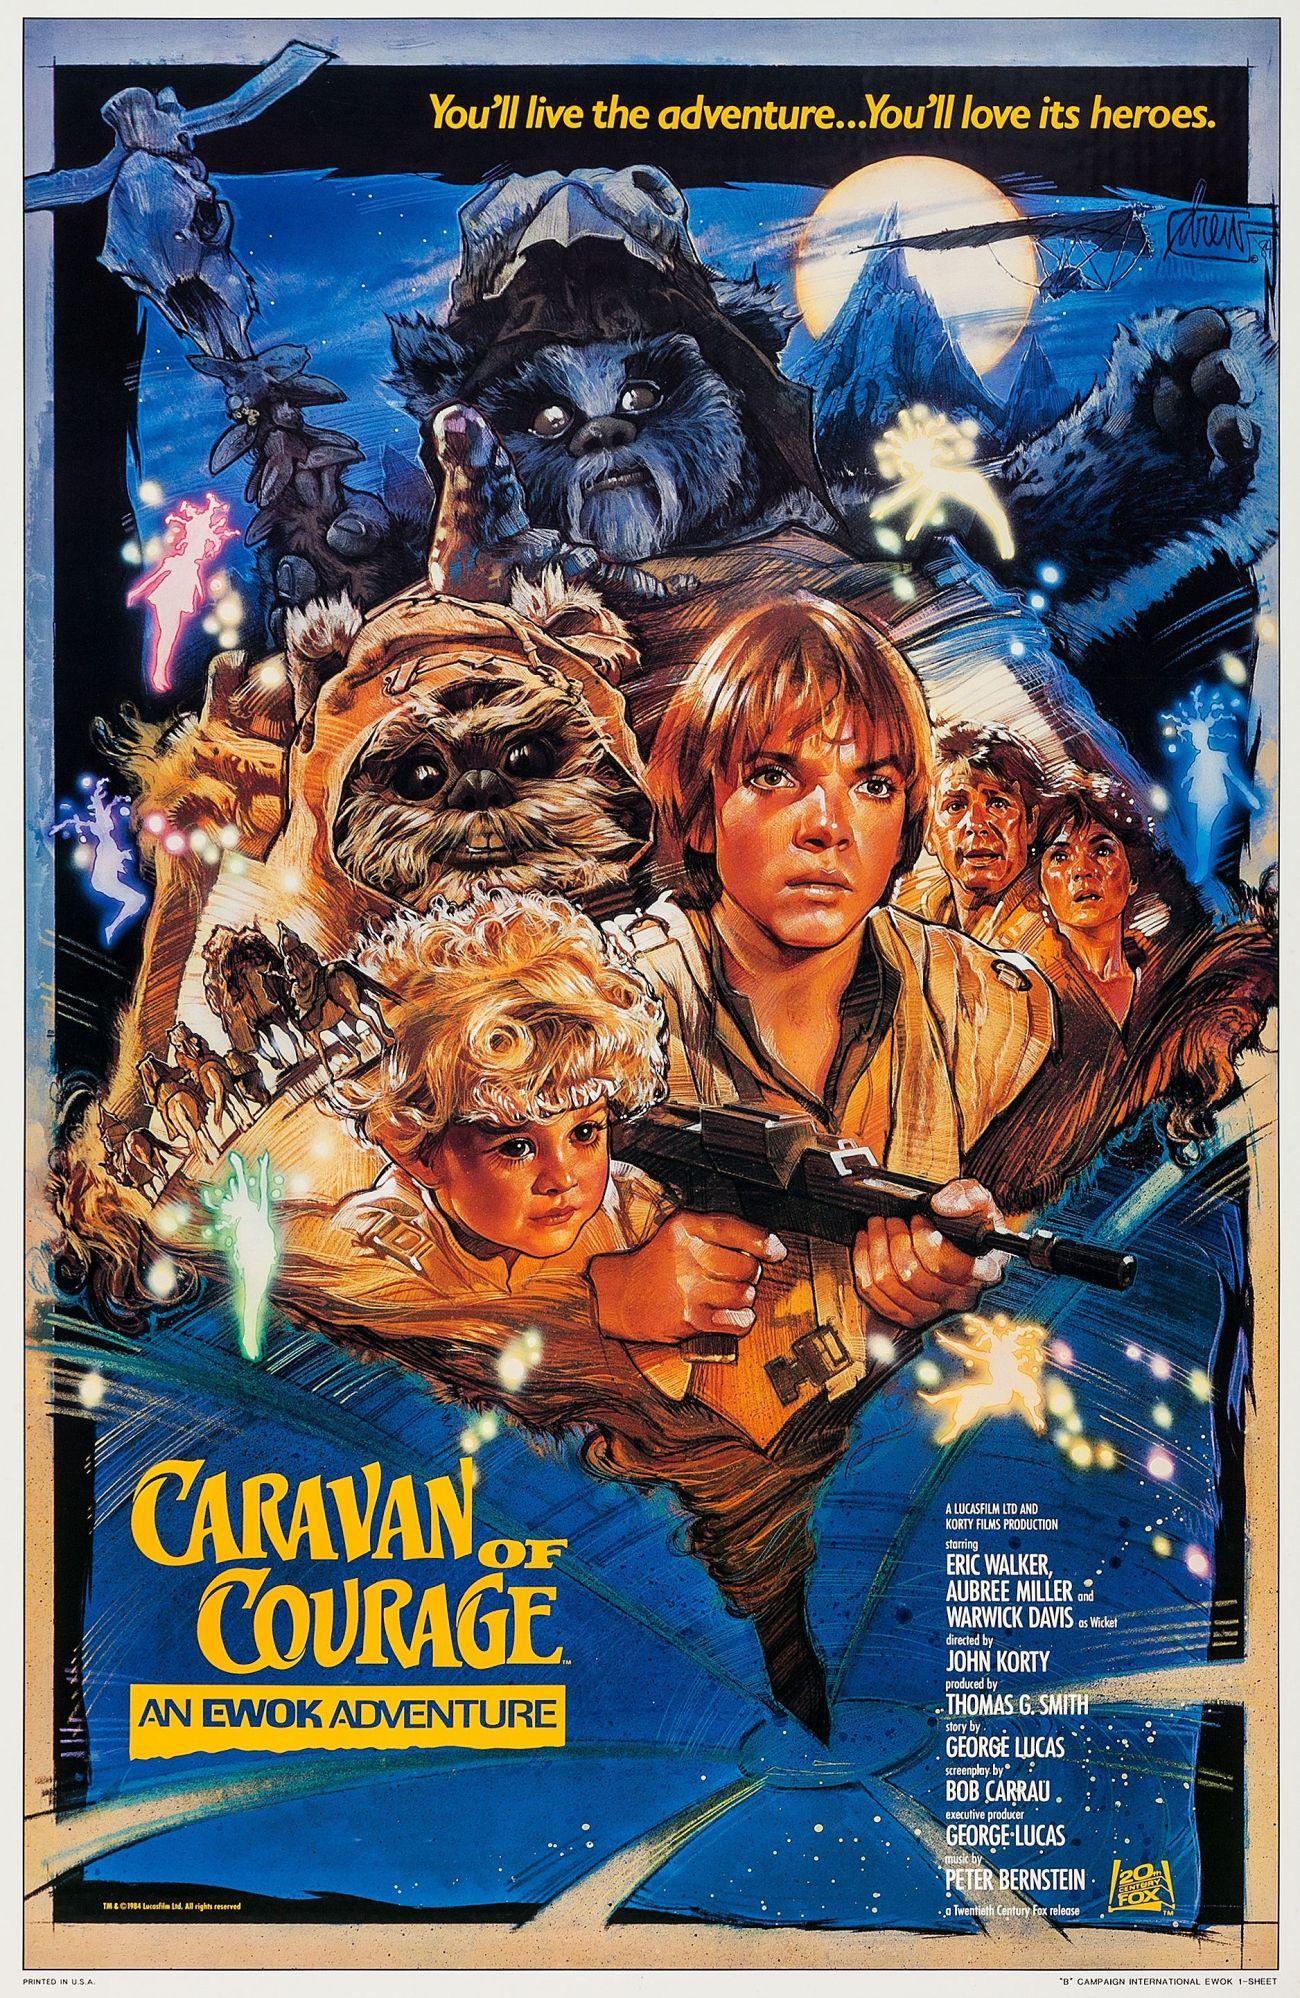 Póster de The Ewok Adventure o Caravan of Courage: An Ewok Adventure (1984). Arte por Drew Struzan. Imagen: pinterest.com